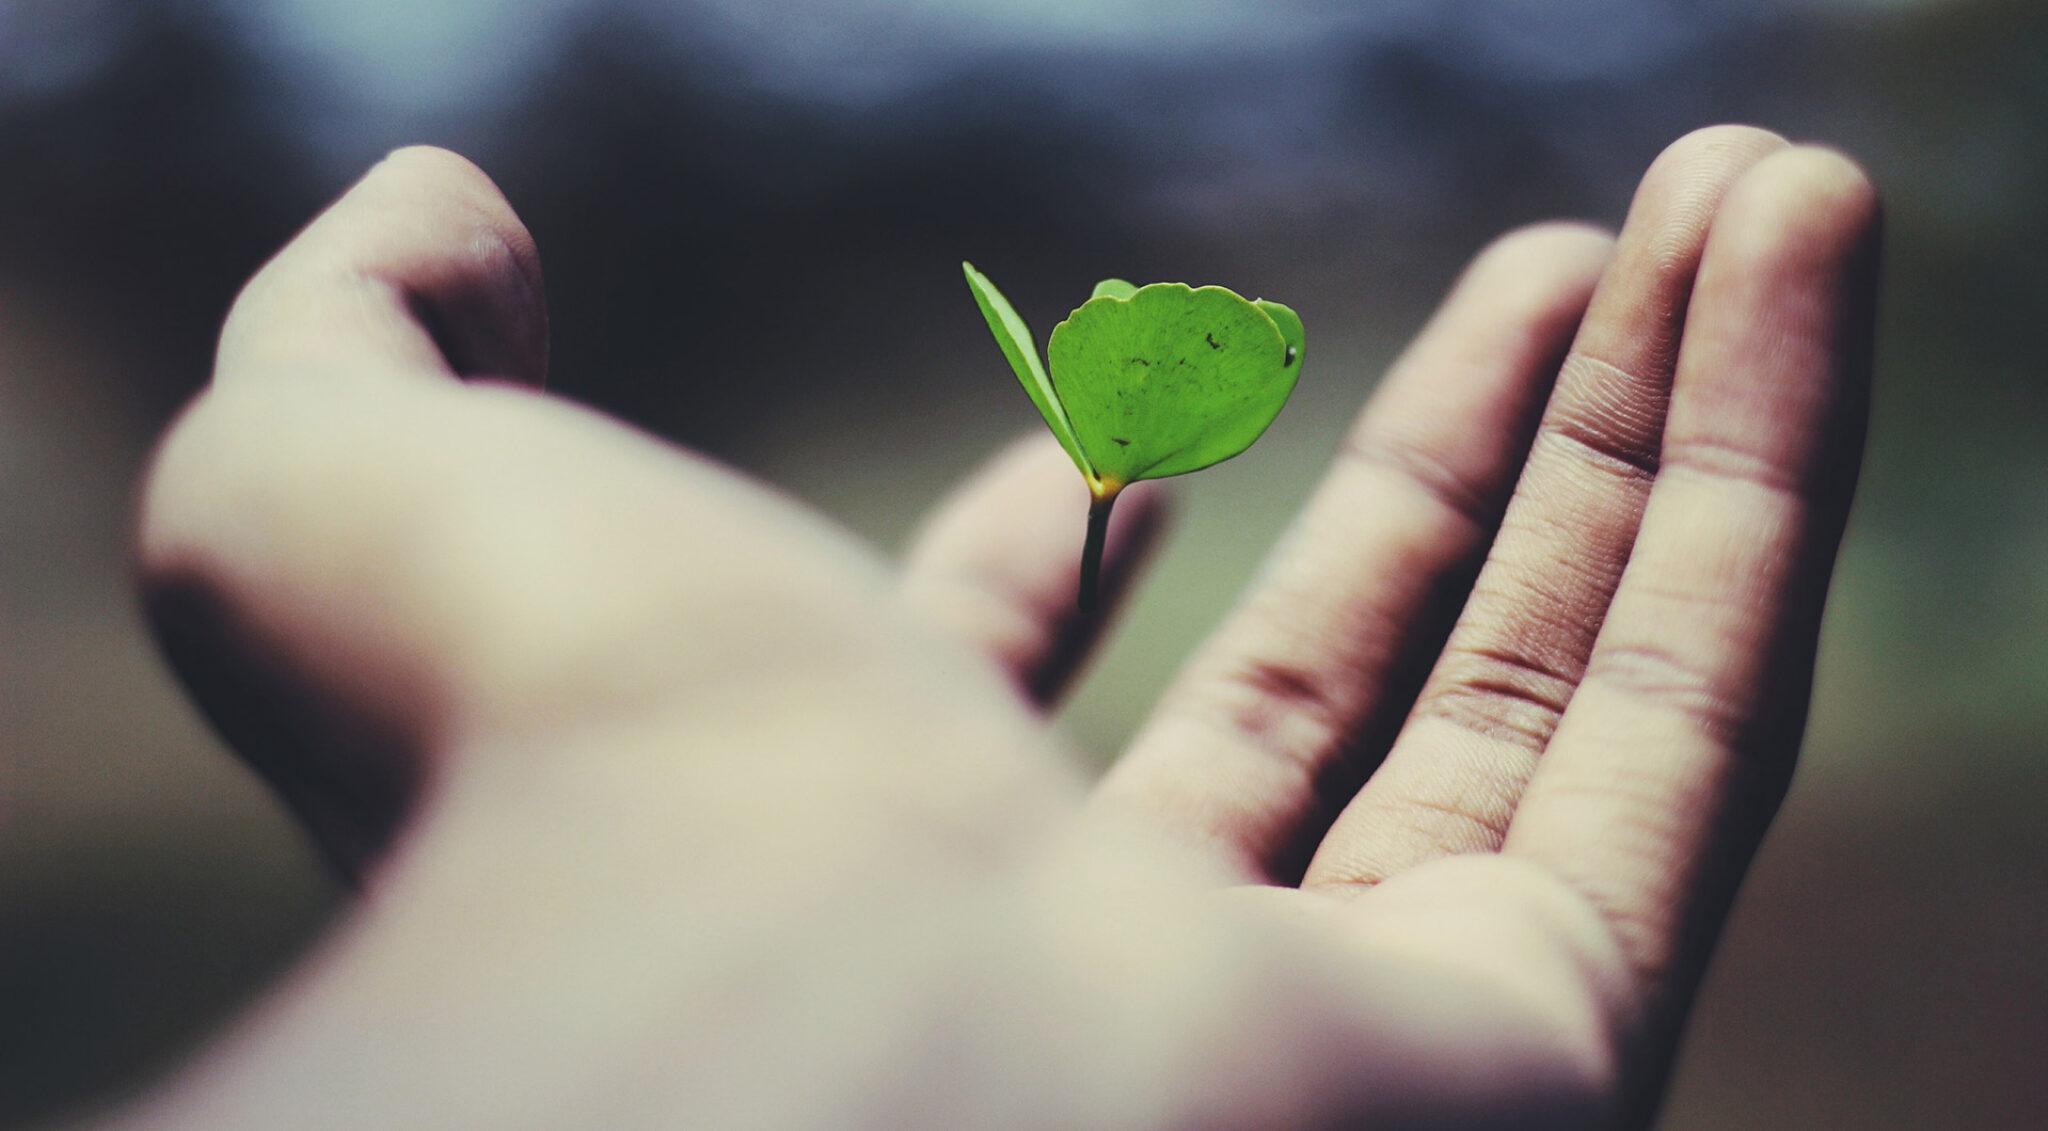 Ein Kleeblatt schwebt über einer Handfläche.